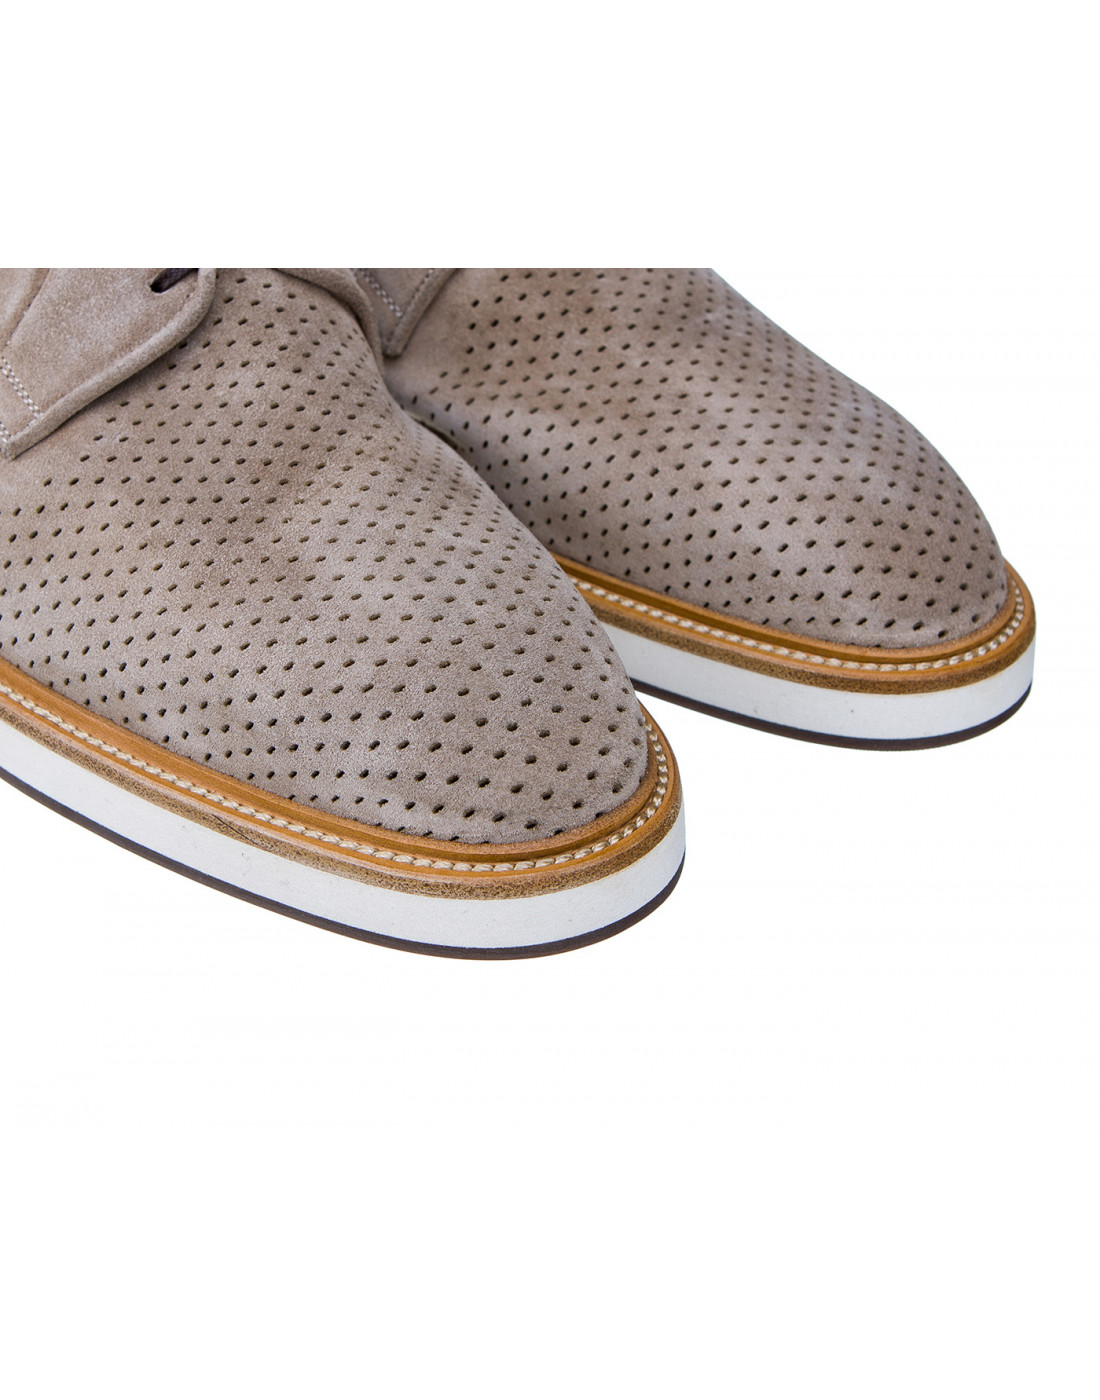 Туфли коричневые мужские Brecos S7521-4